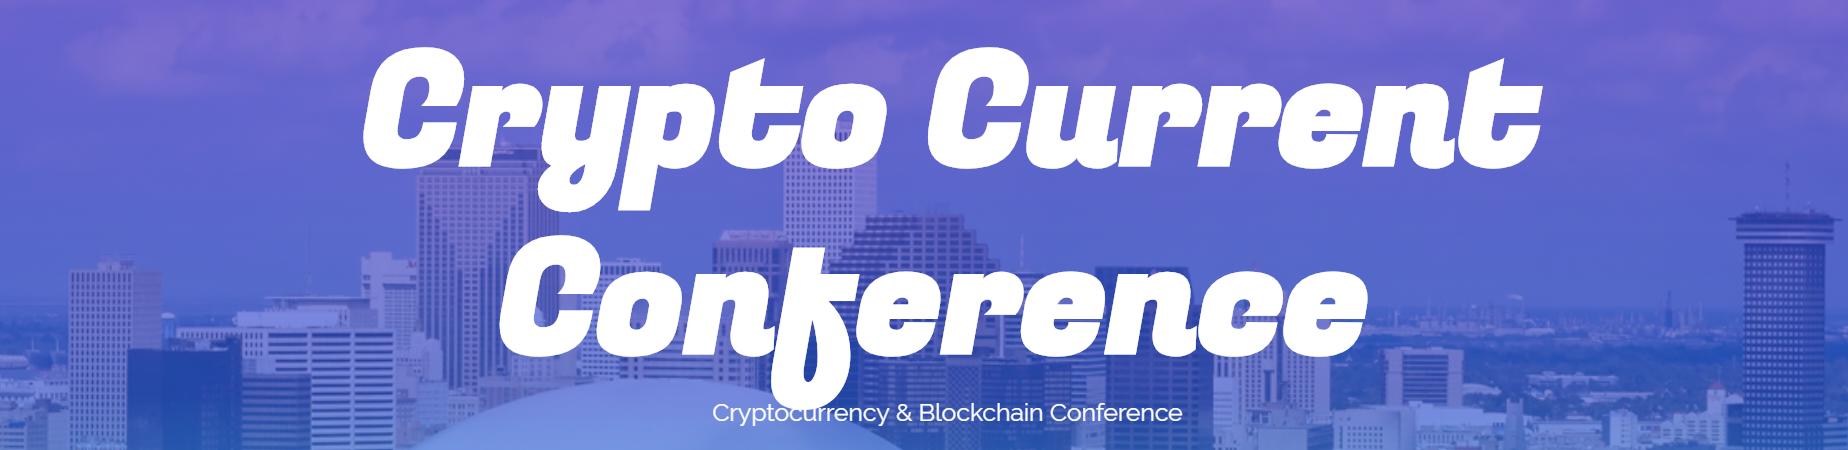 Лучшие конференции по криптовалюте, на которые стоит обратить внимание в марте